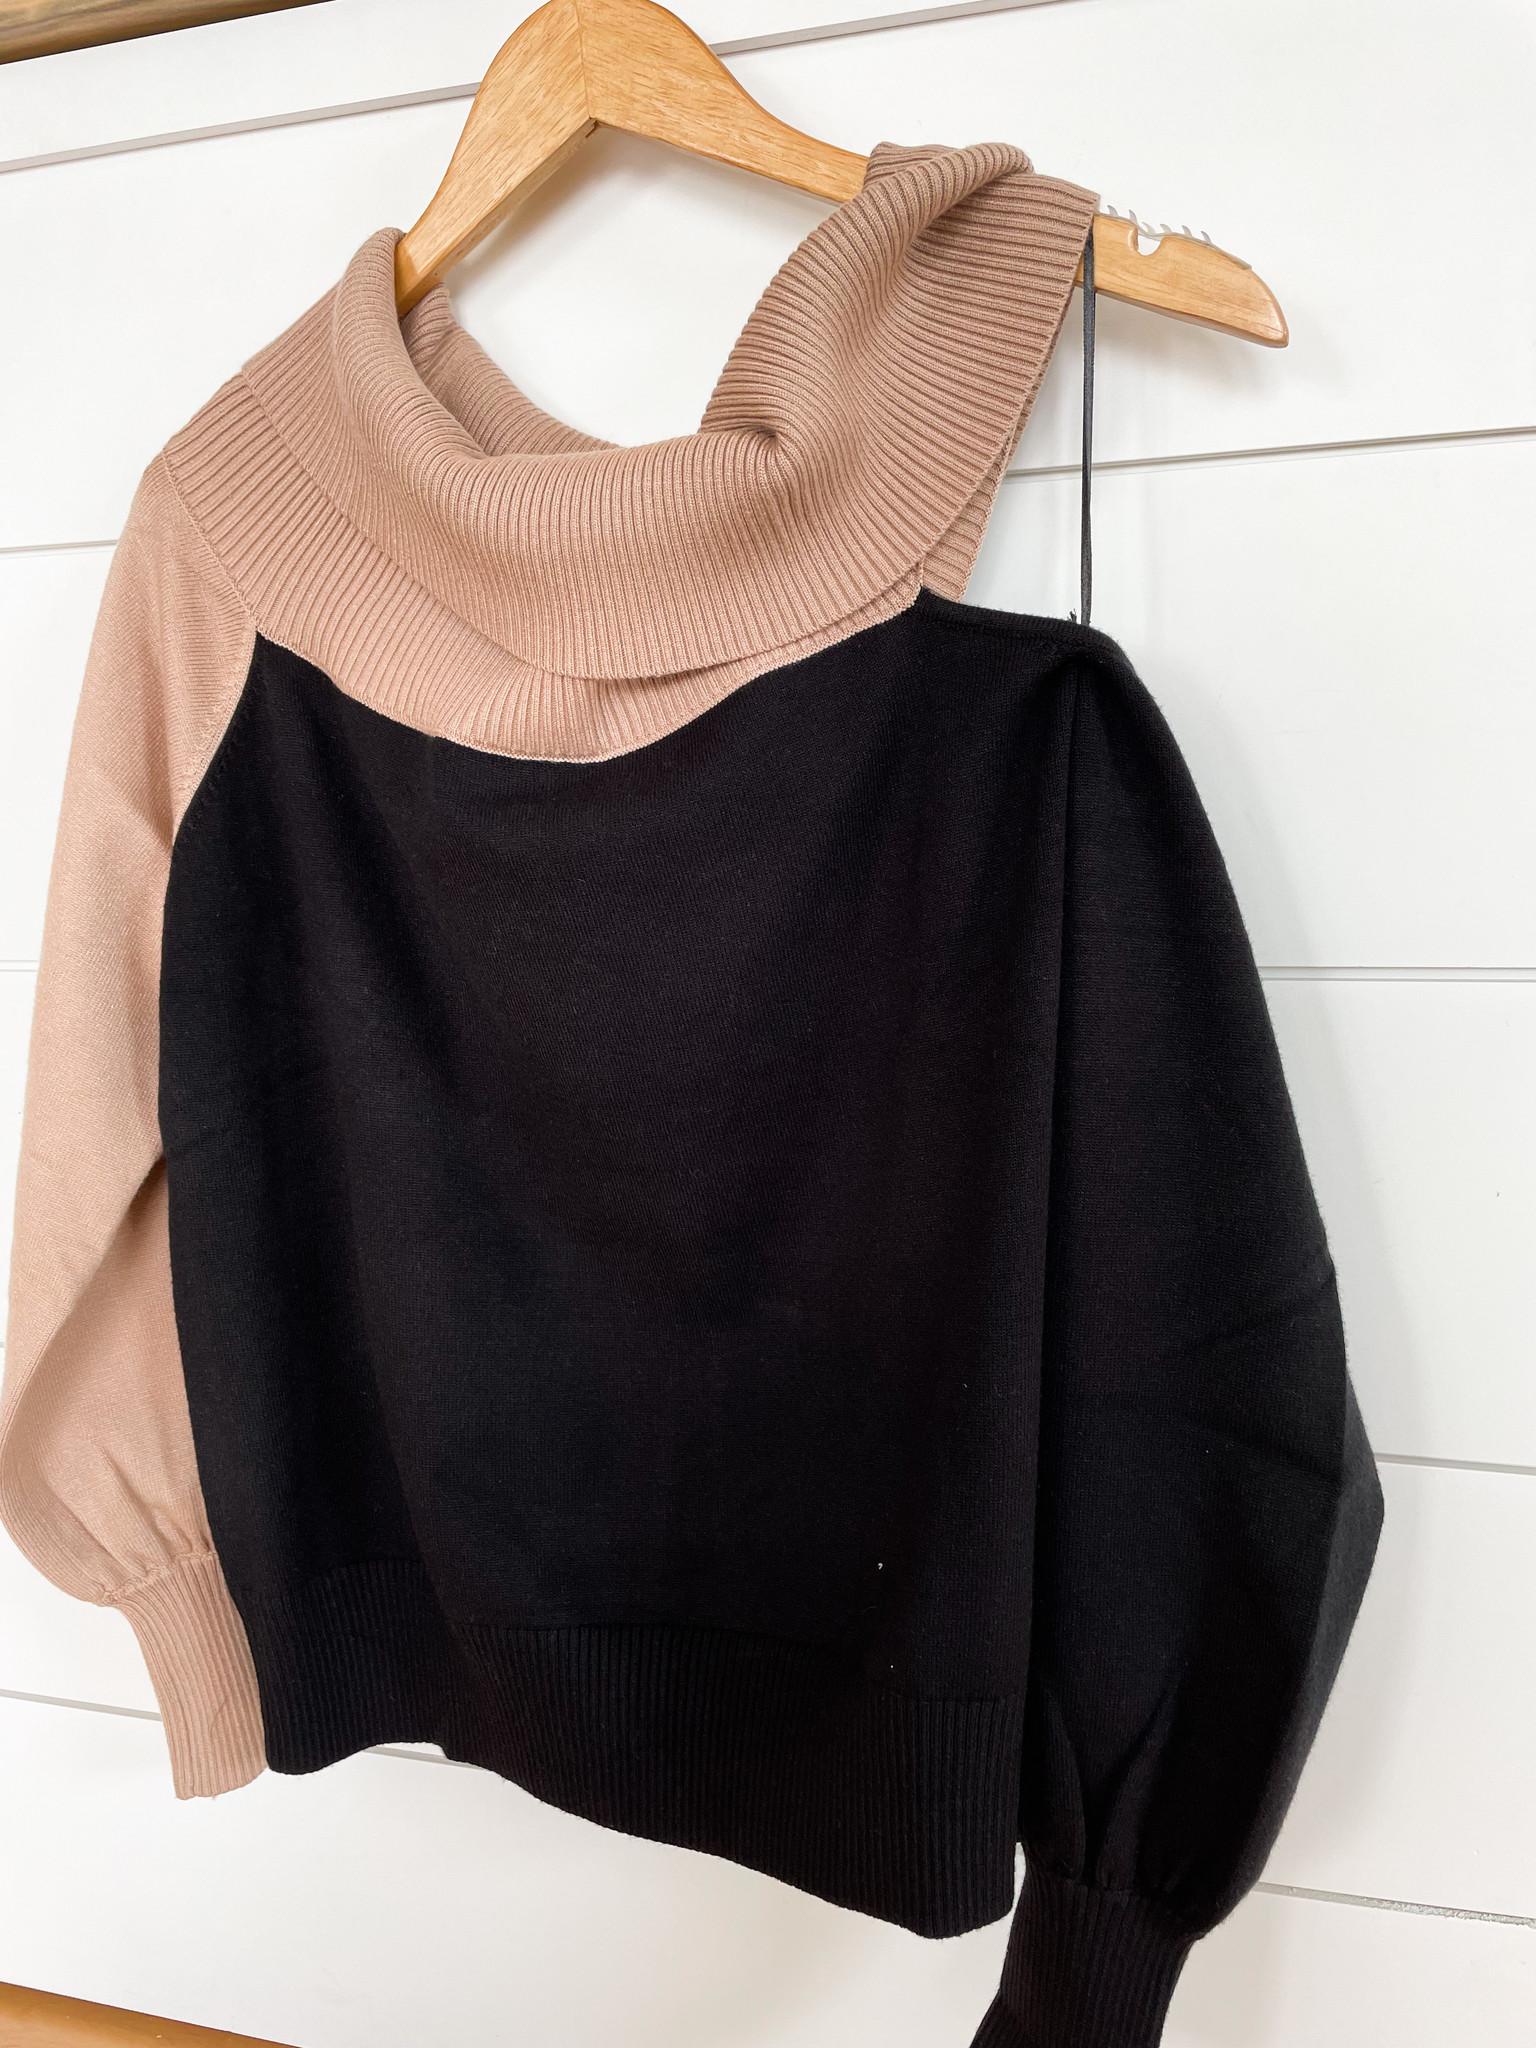 Black/Taupe Color Black Off Shoulder Sweater